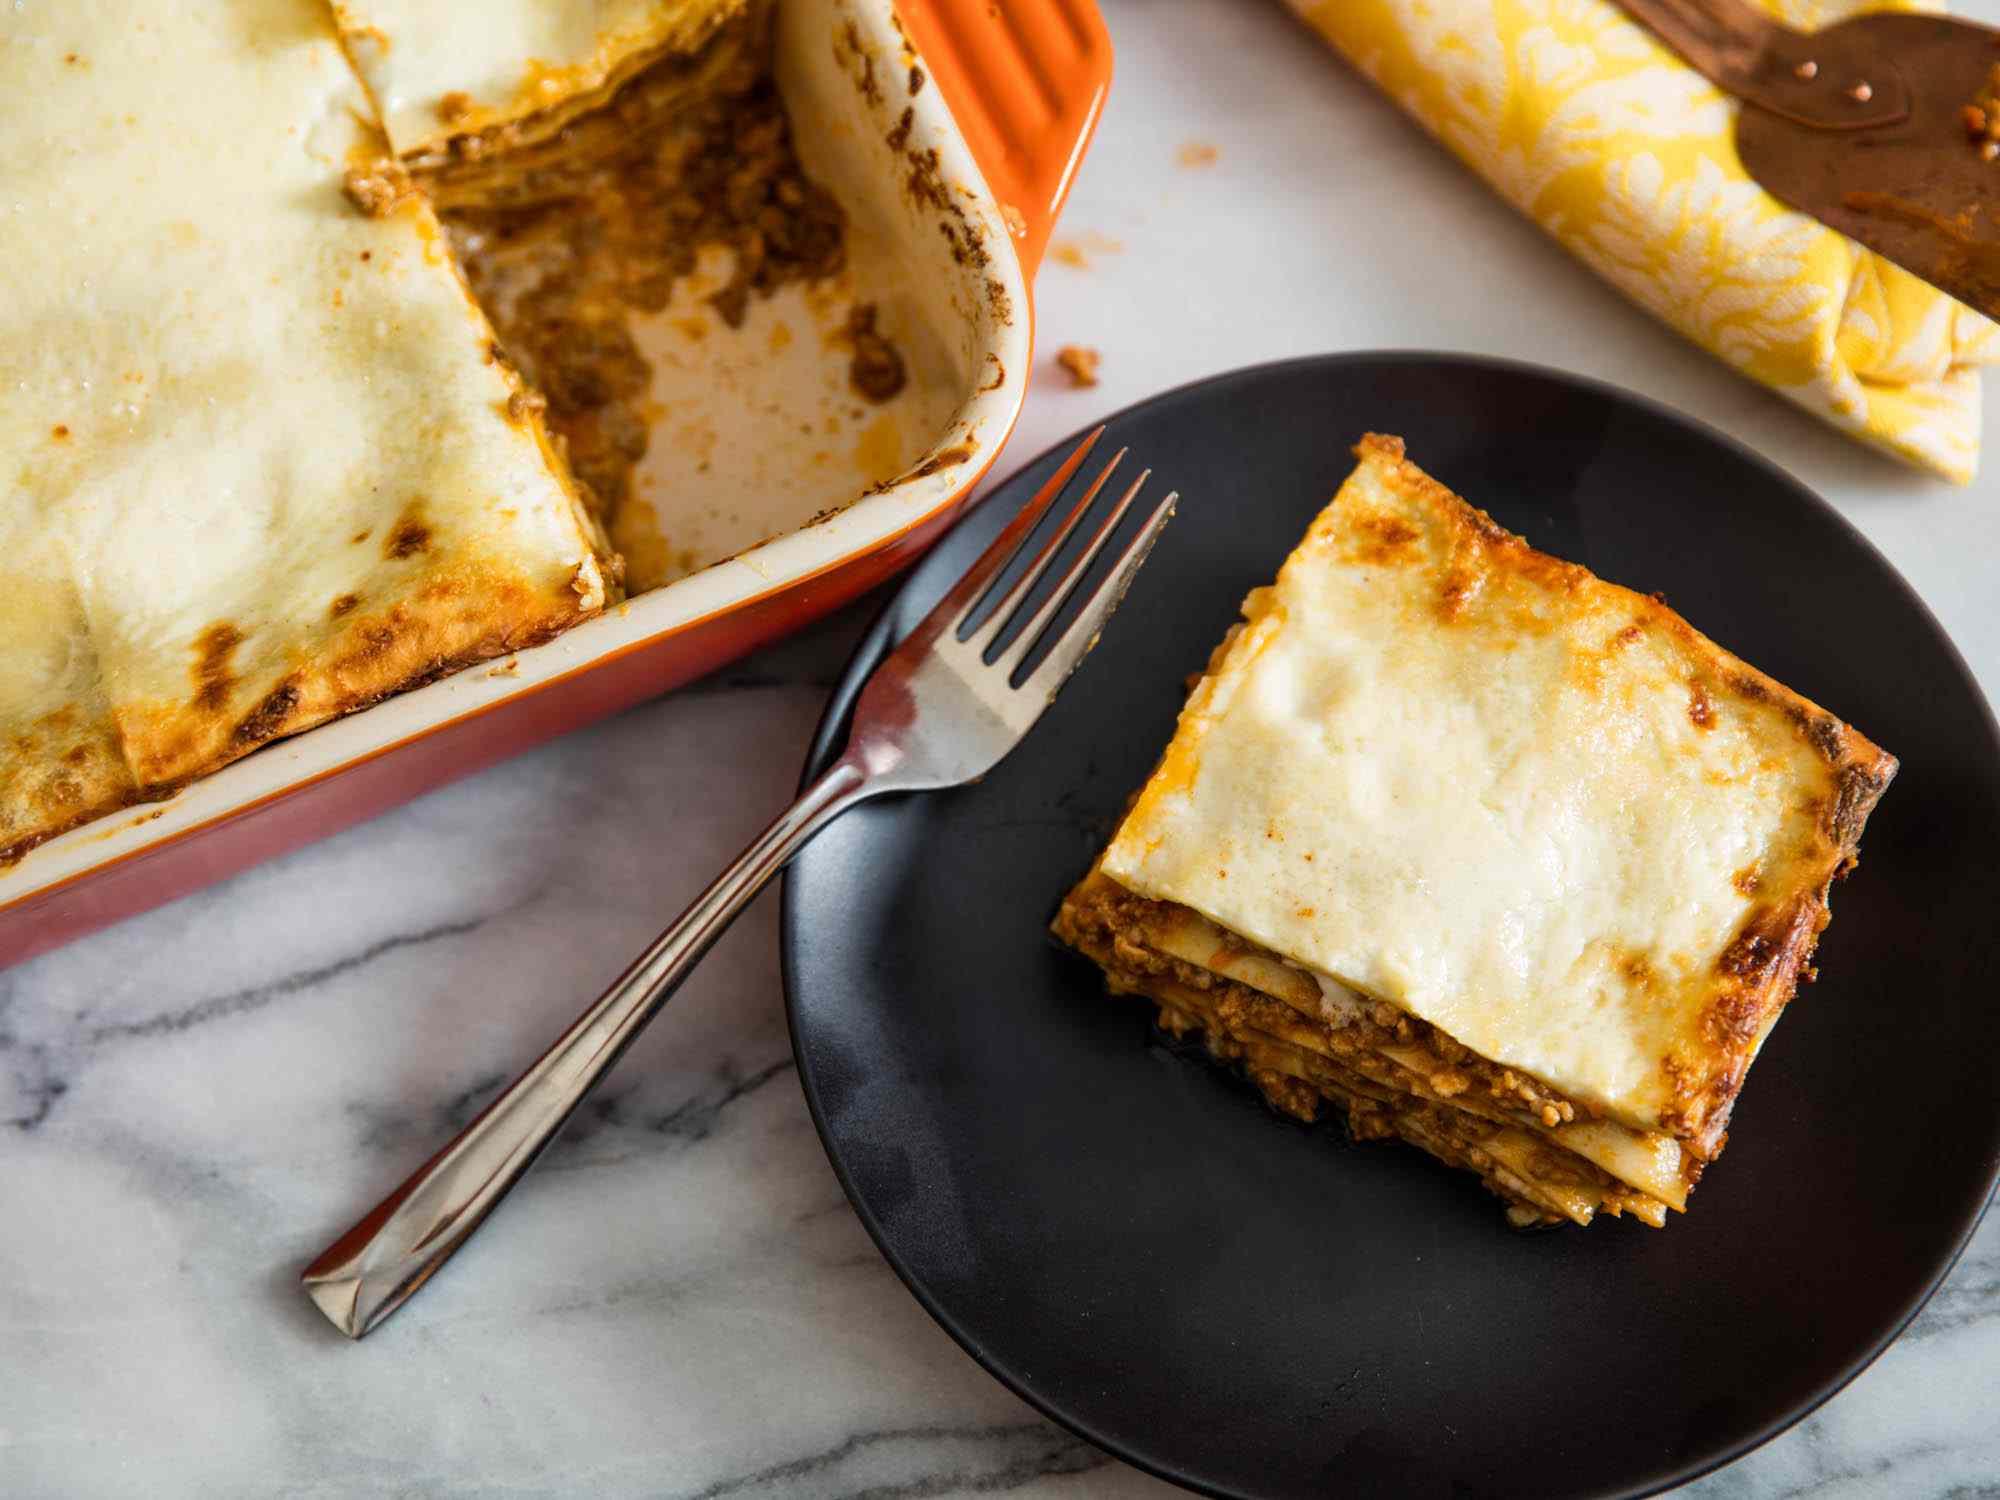 A serving of lasagna bolognese.